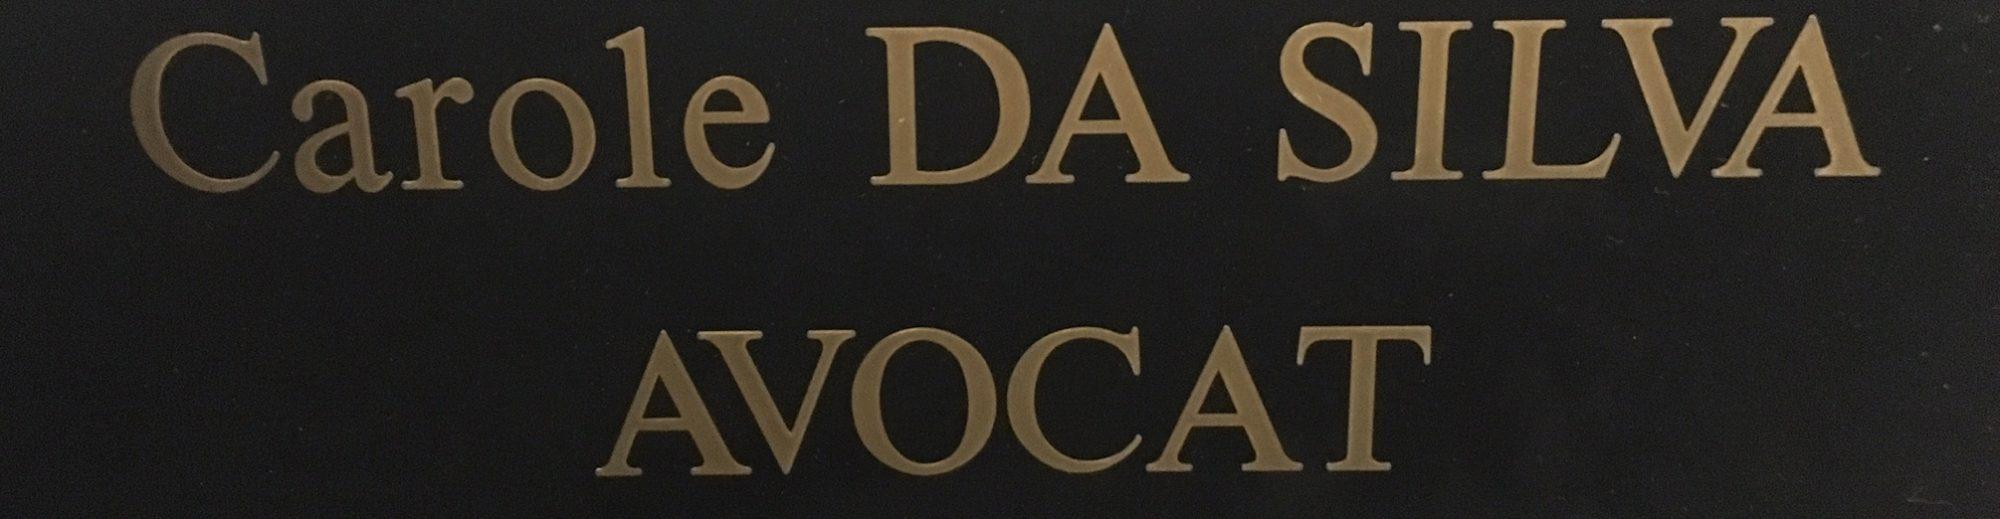 Carole DA SILVA Avocat